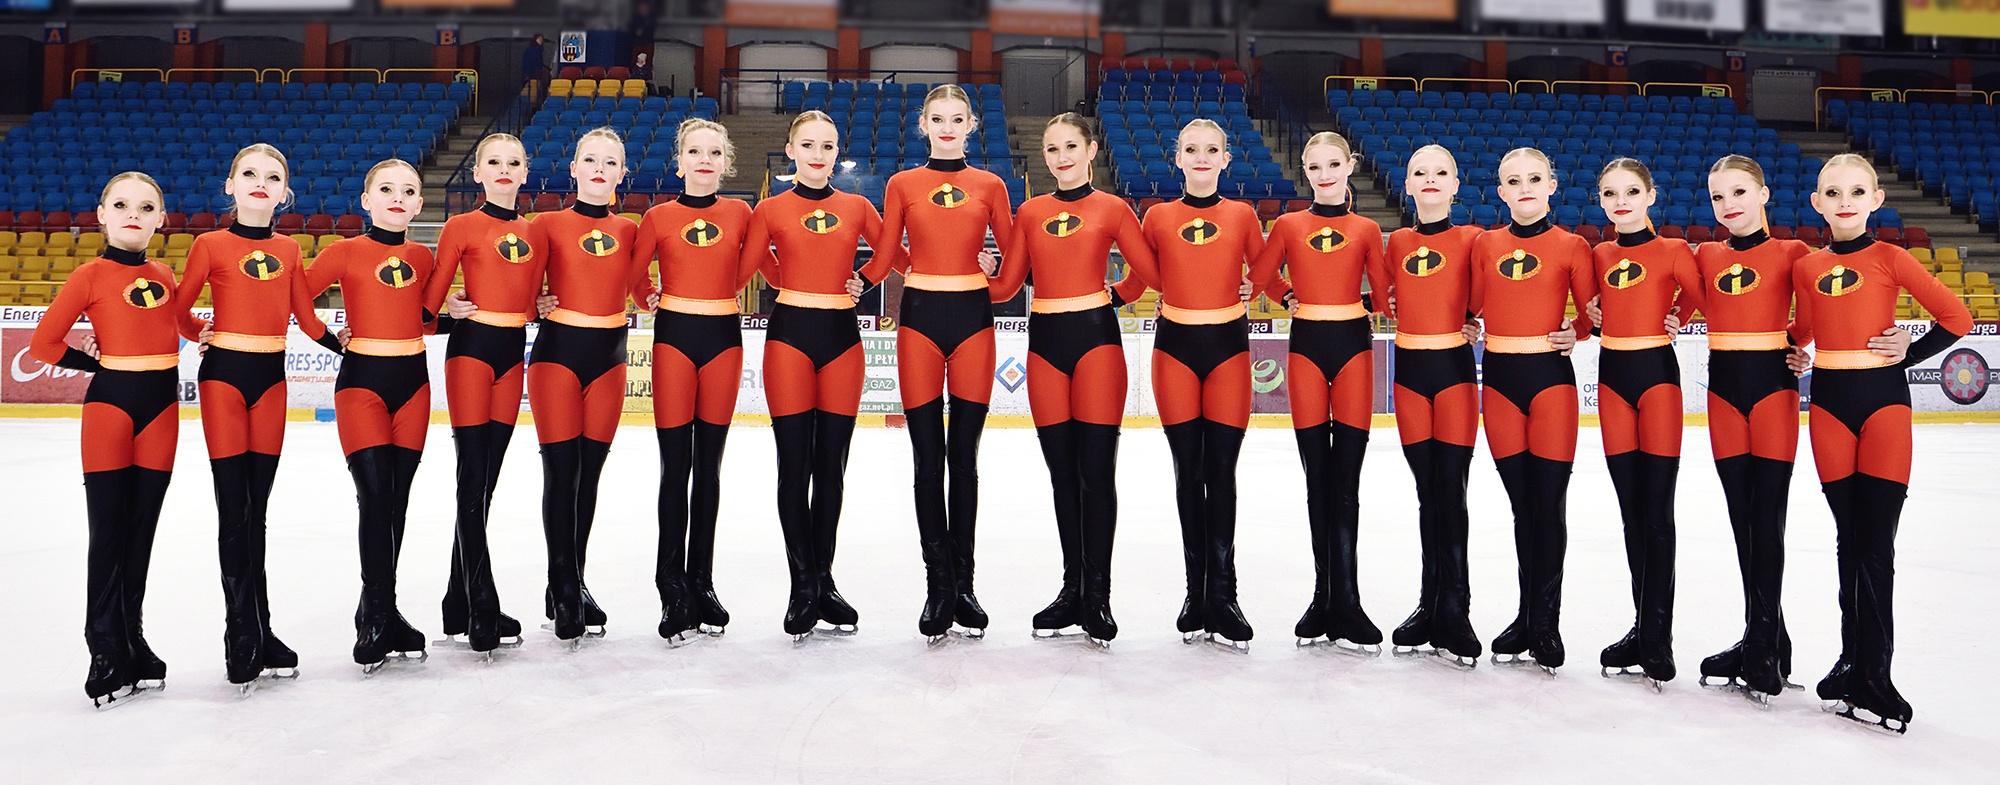 Team Le Soleil Juvenile